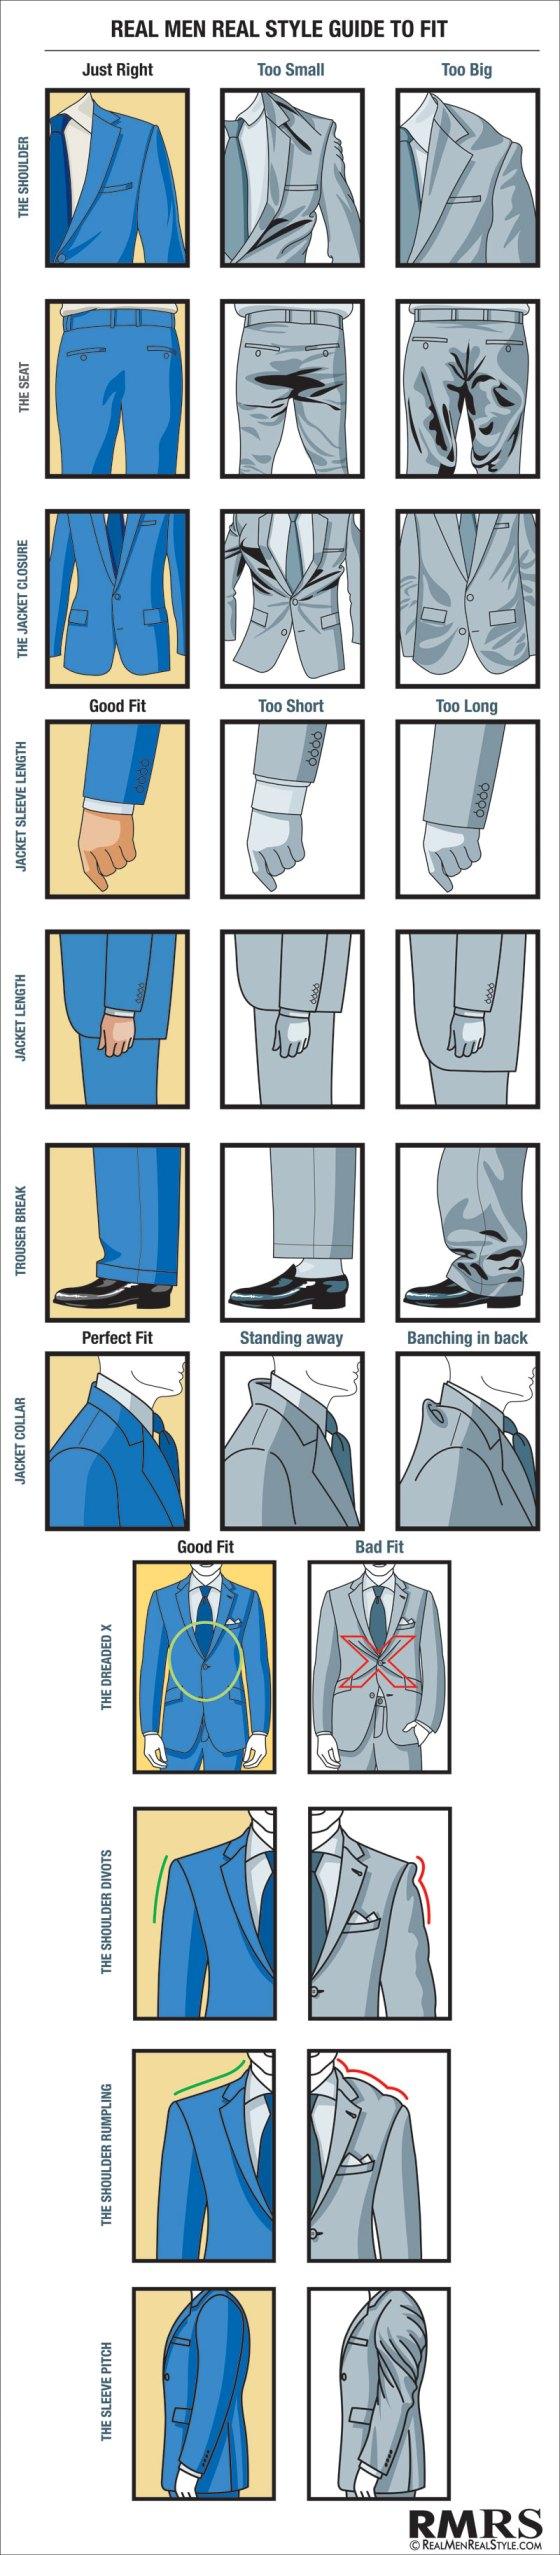 Forma de usar un terno ropa de vestir